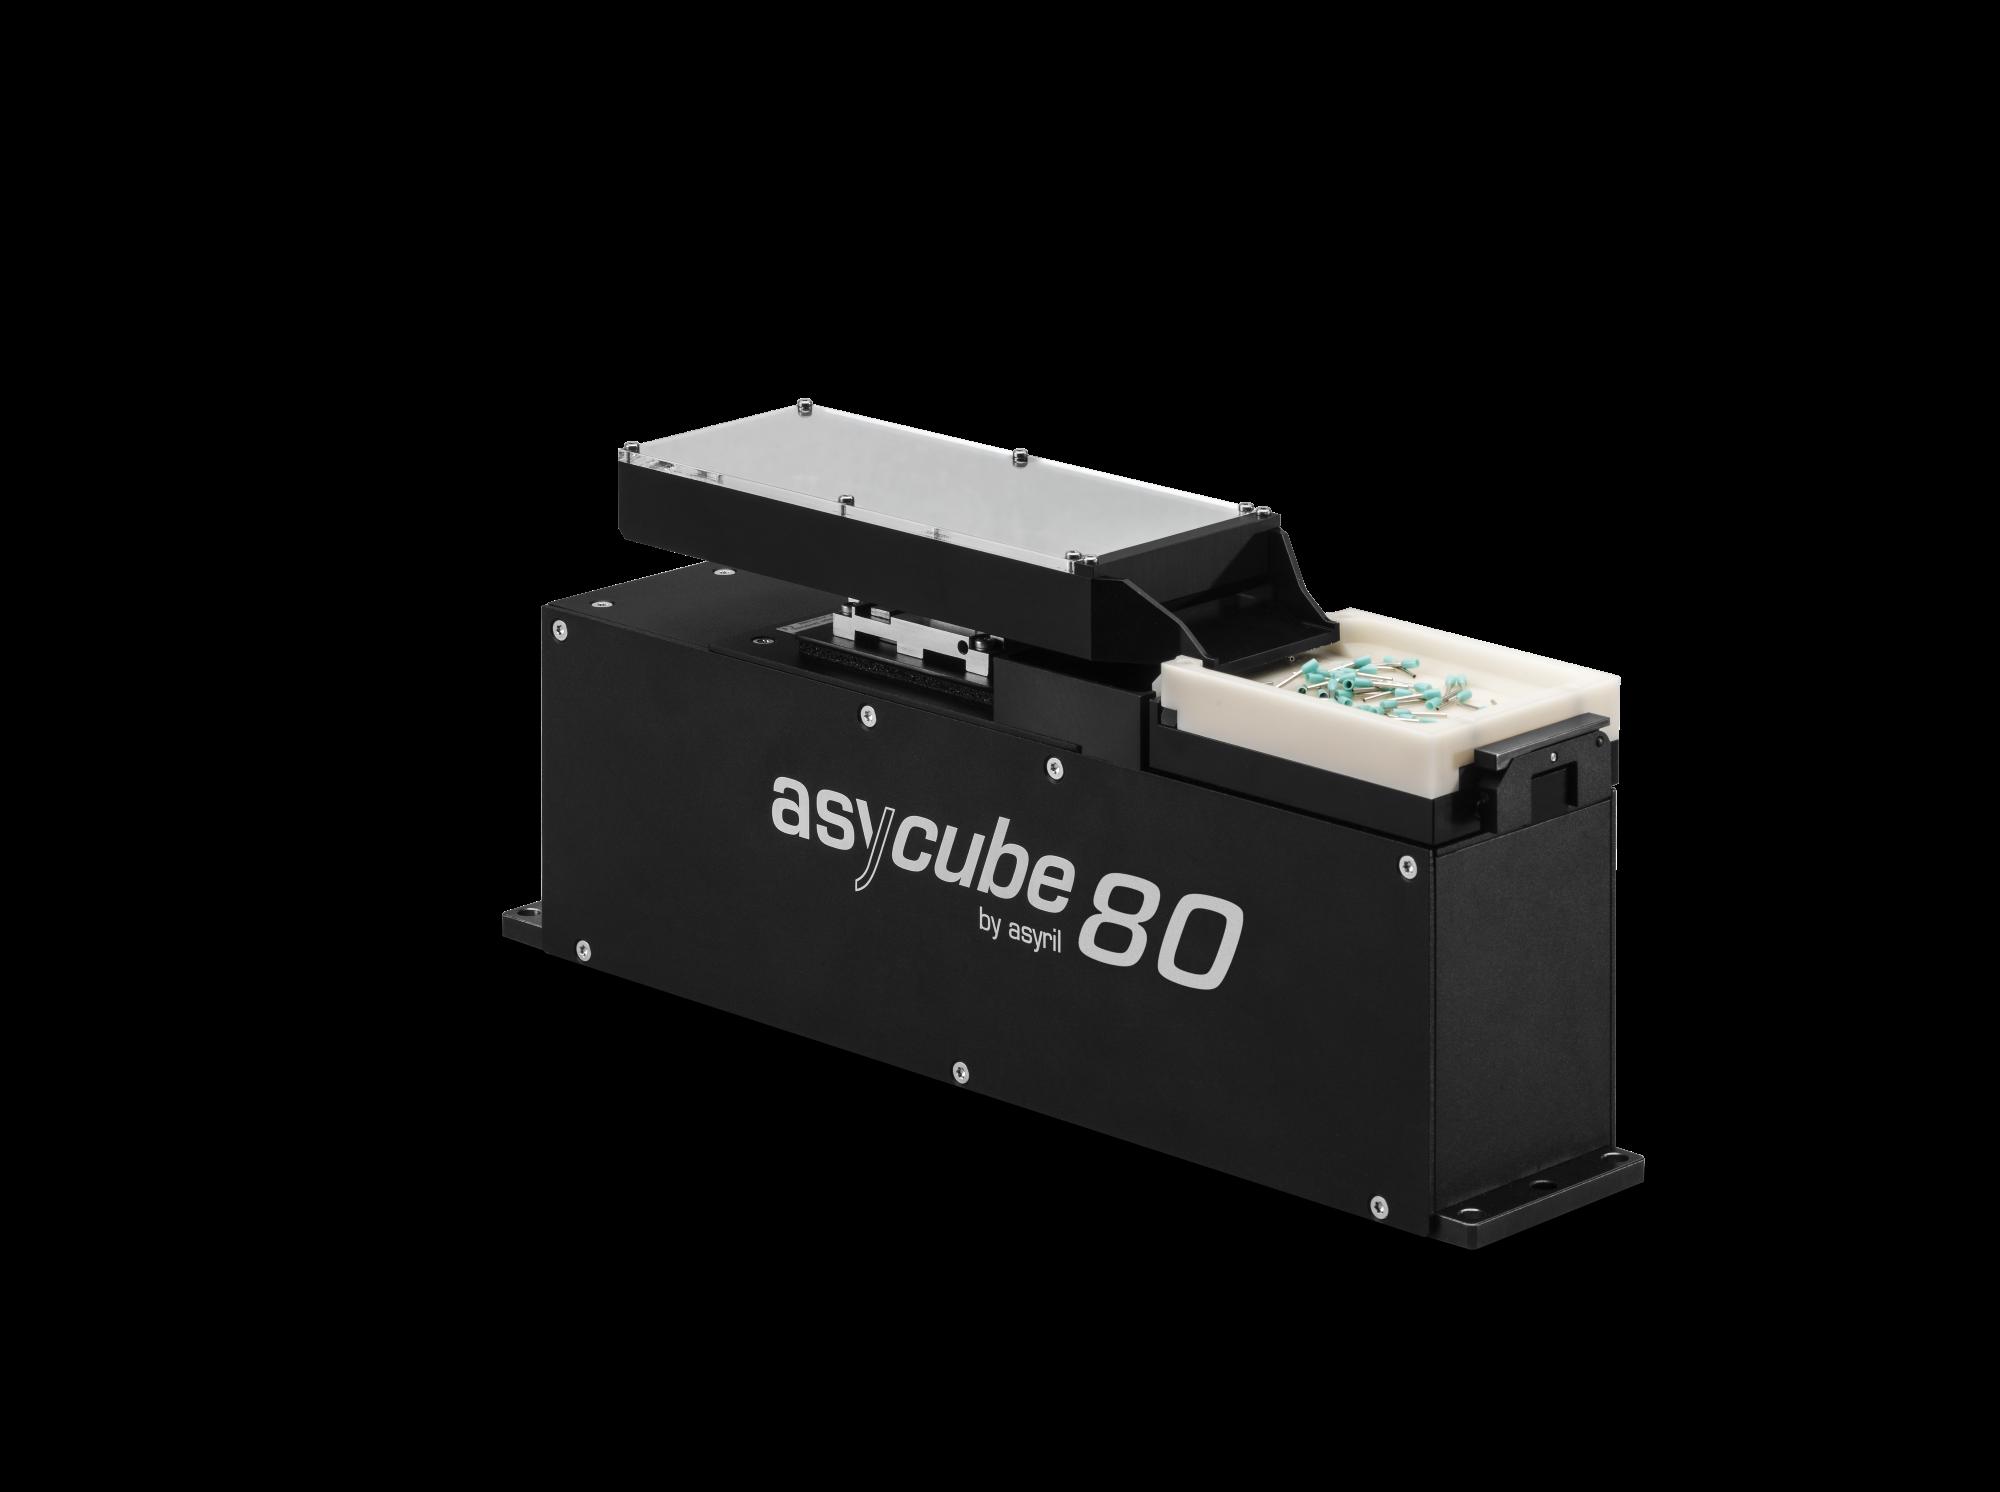 Asycube-80